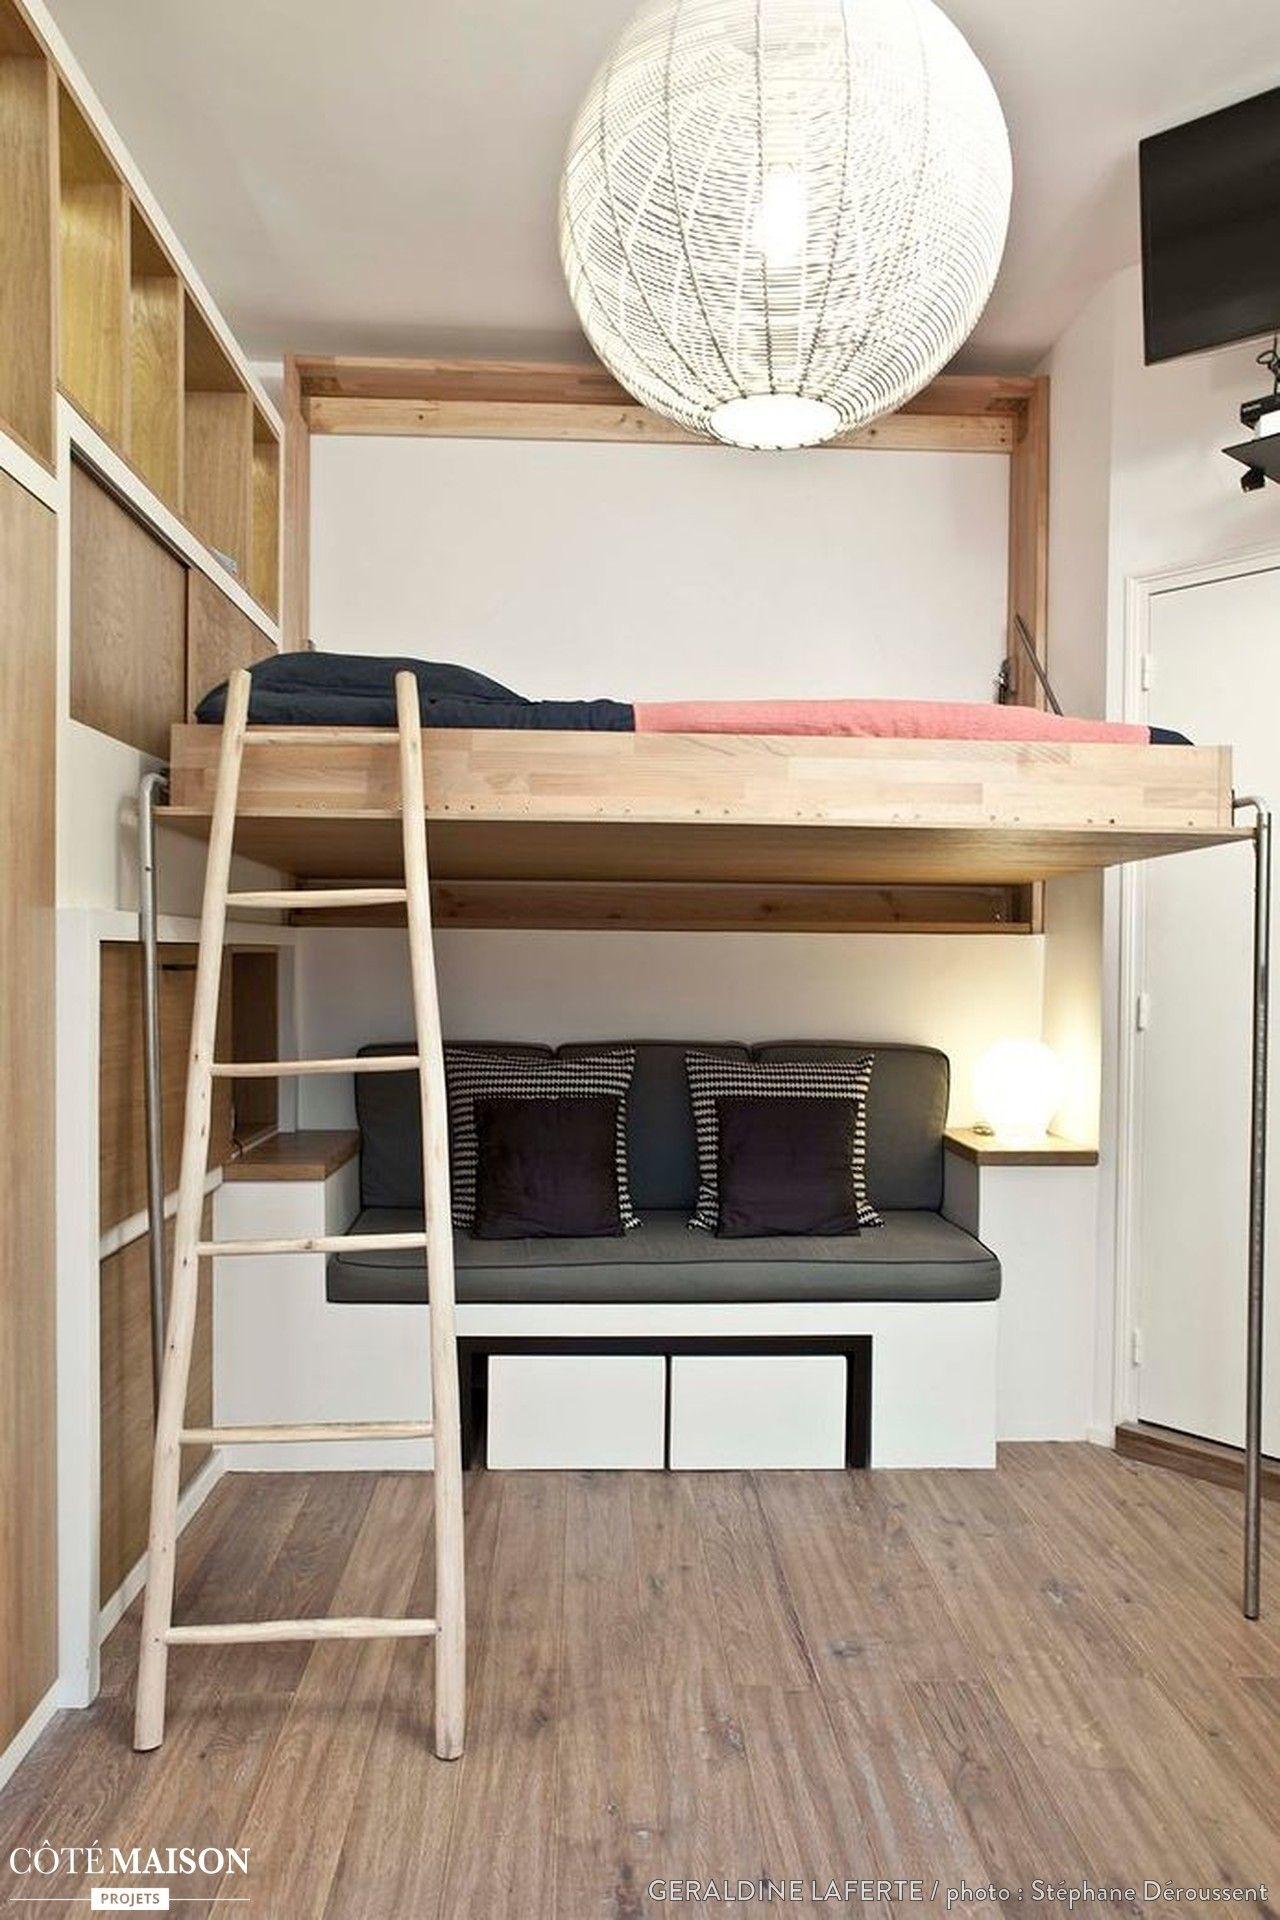 Aménagement Appartement Petite Surface studio duhesme 17m2, géraldine laferté - côté maison lit petite